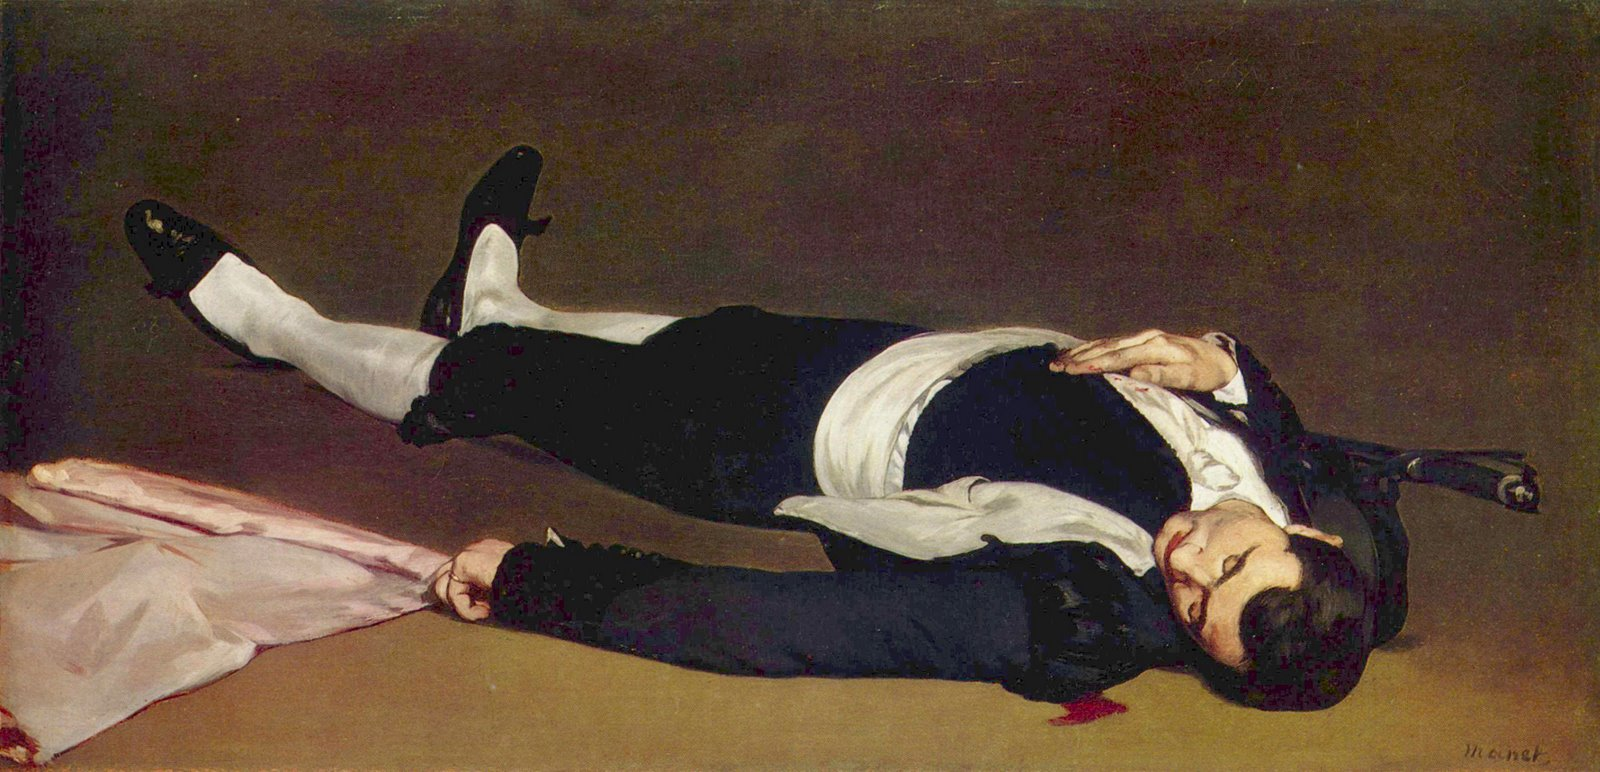 Manet - L'homme mort, 1864-1865